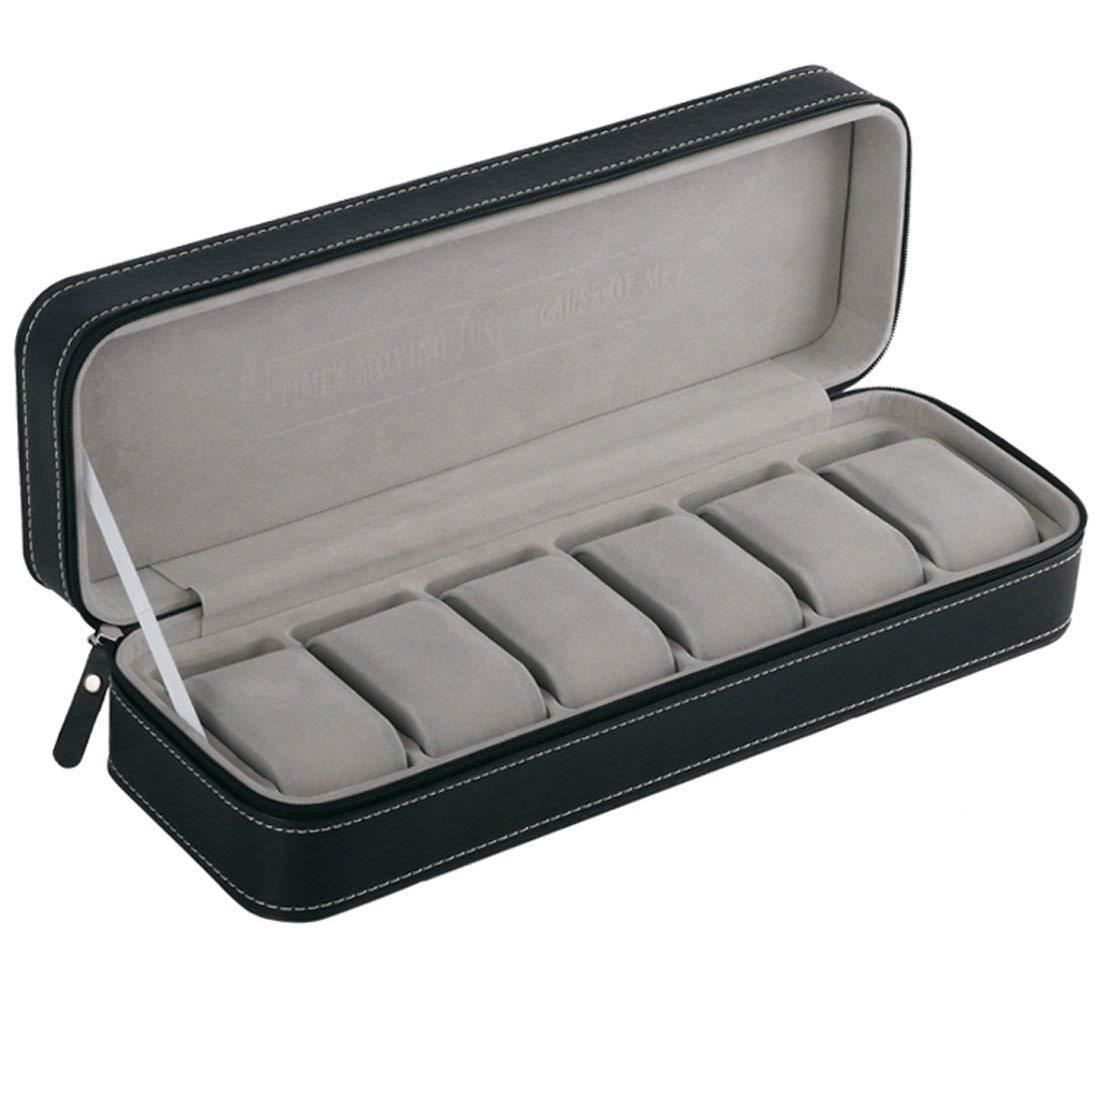 6 Slot Watch Box przenośne etui z suwakiem pudełko do przechowywania biżuterii (czarny)Pudełka do zegarków   -